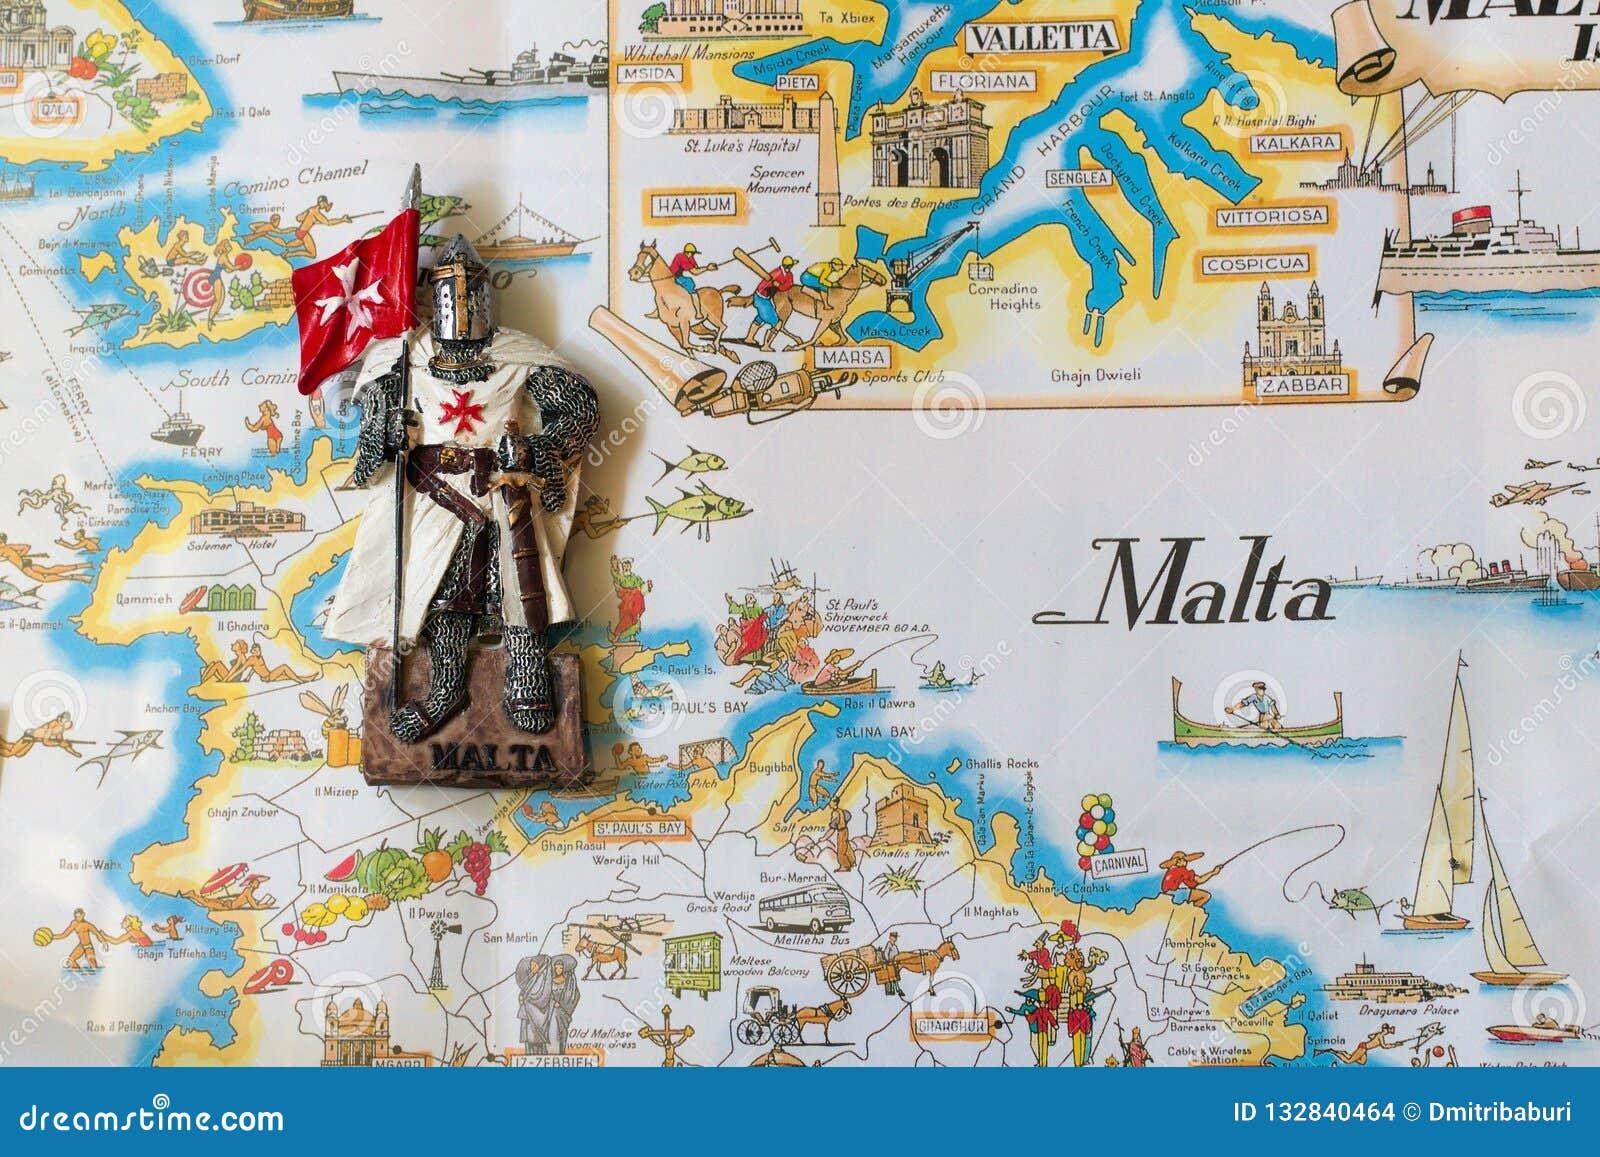 Die Ritter von Malta sind Andenkenspielwaren Ritter in einem weißen Mantel mit der Flagge des maltesischen Auftrages